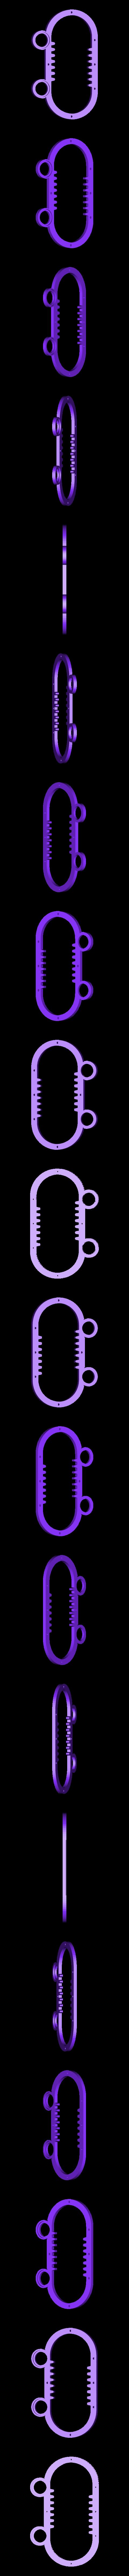 rpb-rack.stl Download free STL file Reciprocating Rack and Pinion • 3D printable model, Adafruit